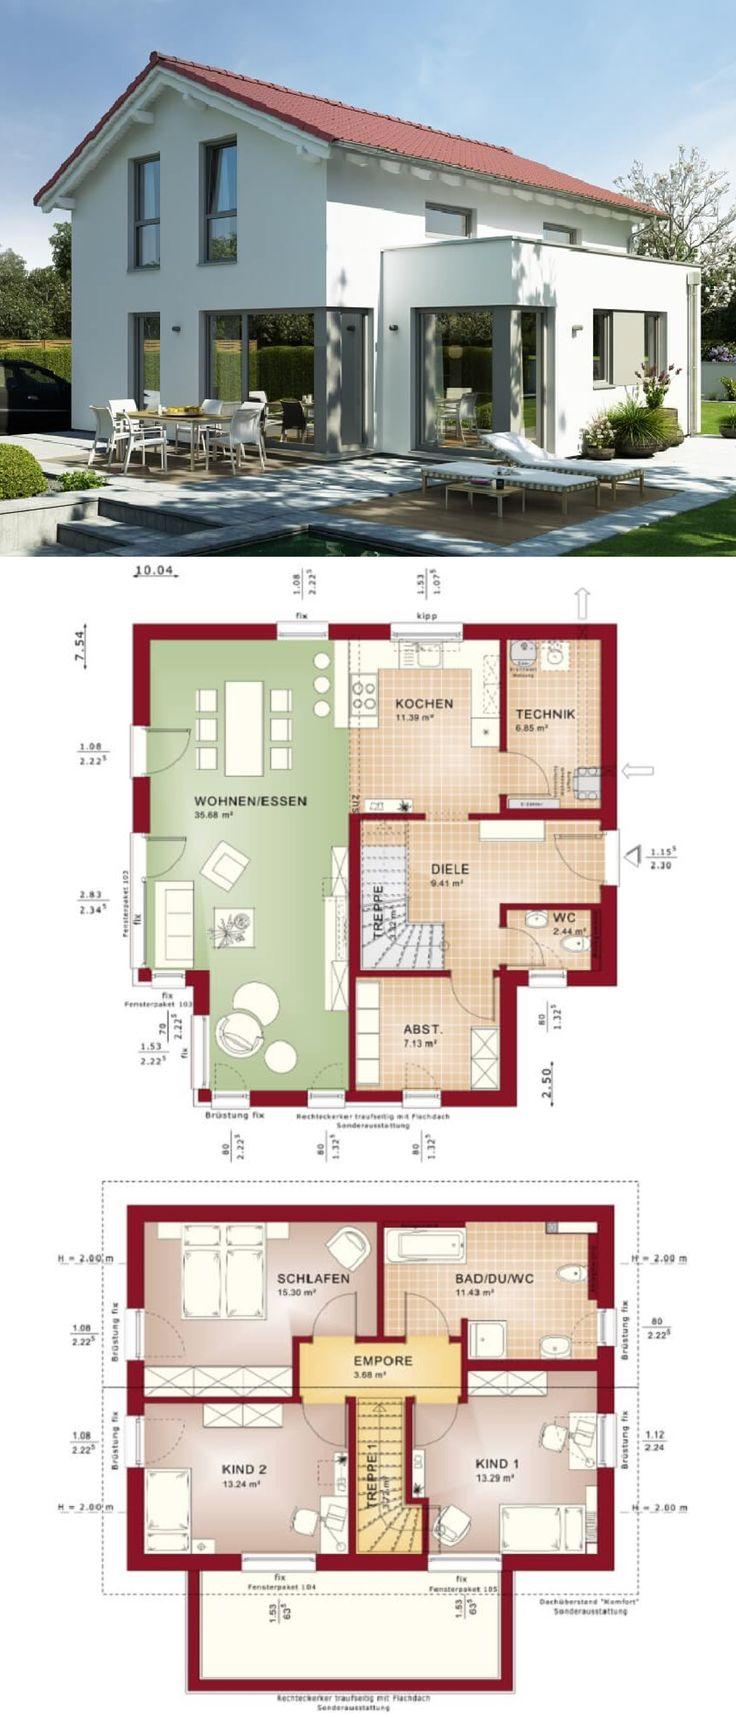 Modernes Haus mit Satteldach Architektur u0026 Erker